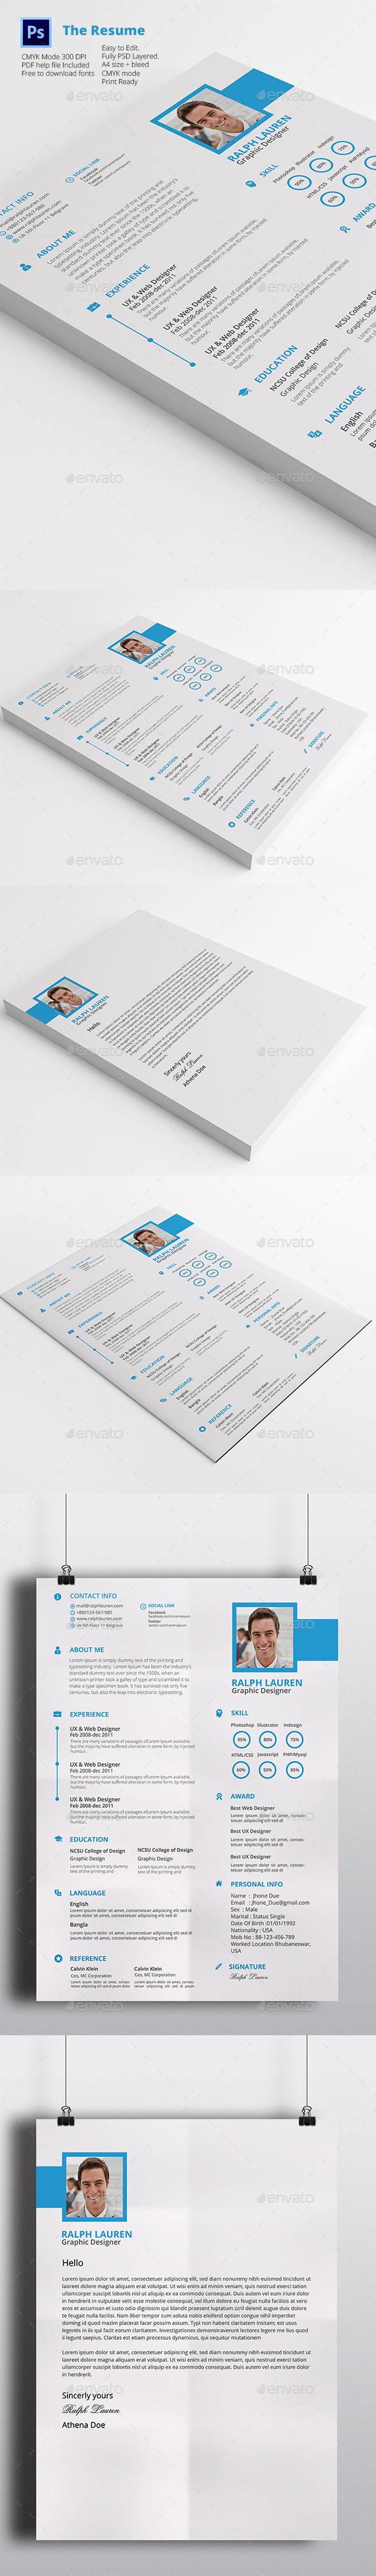 GraphicRiver Resume Cv 11943209